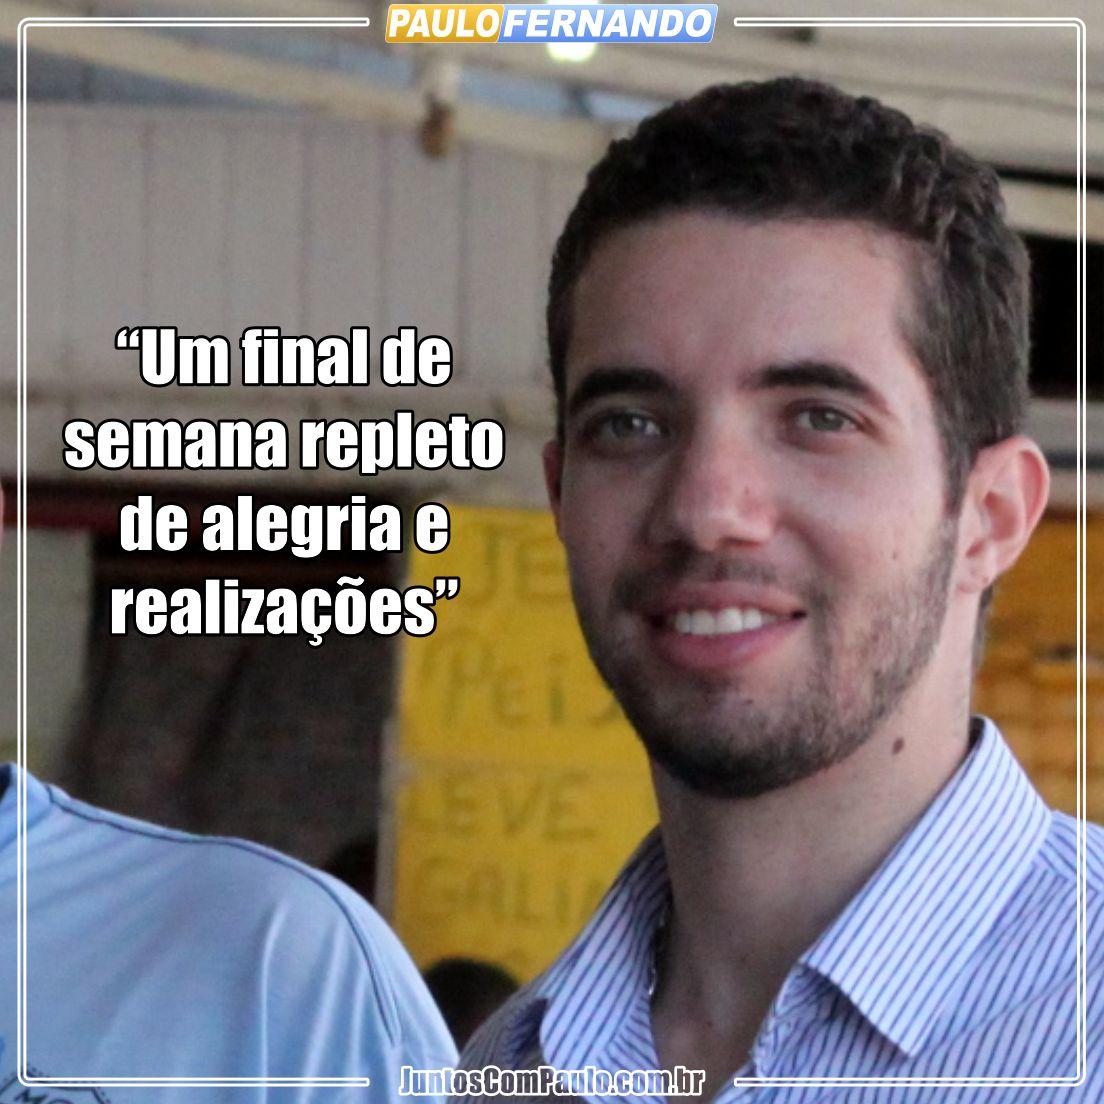 Final de semana bate à sua porta. Confira a mensagem que o pré-candidato a vereador do Paulista Paulo Fernando (PDT) deixa pra você.